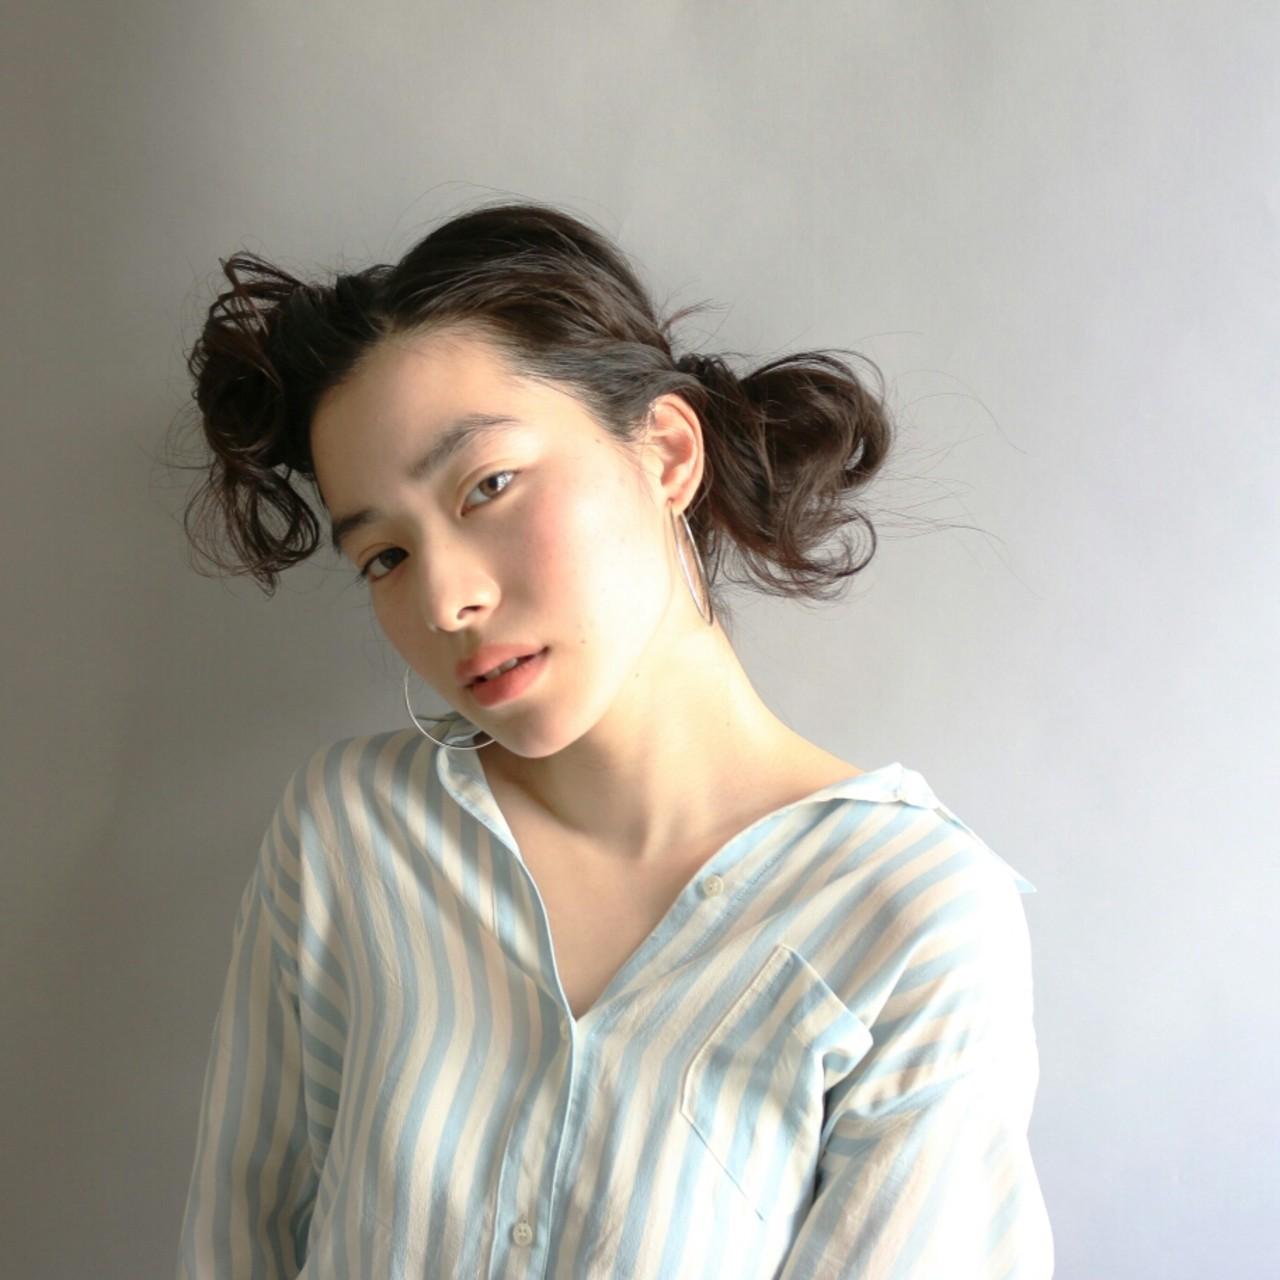 かき上げ前髪 ゆるふわ ヘアアレンジ 大人かわいい ヘアスタイルや髪型の写真・画像 | Kenji Watanabe / BNRNEYFIELDS